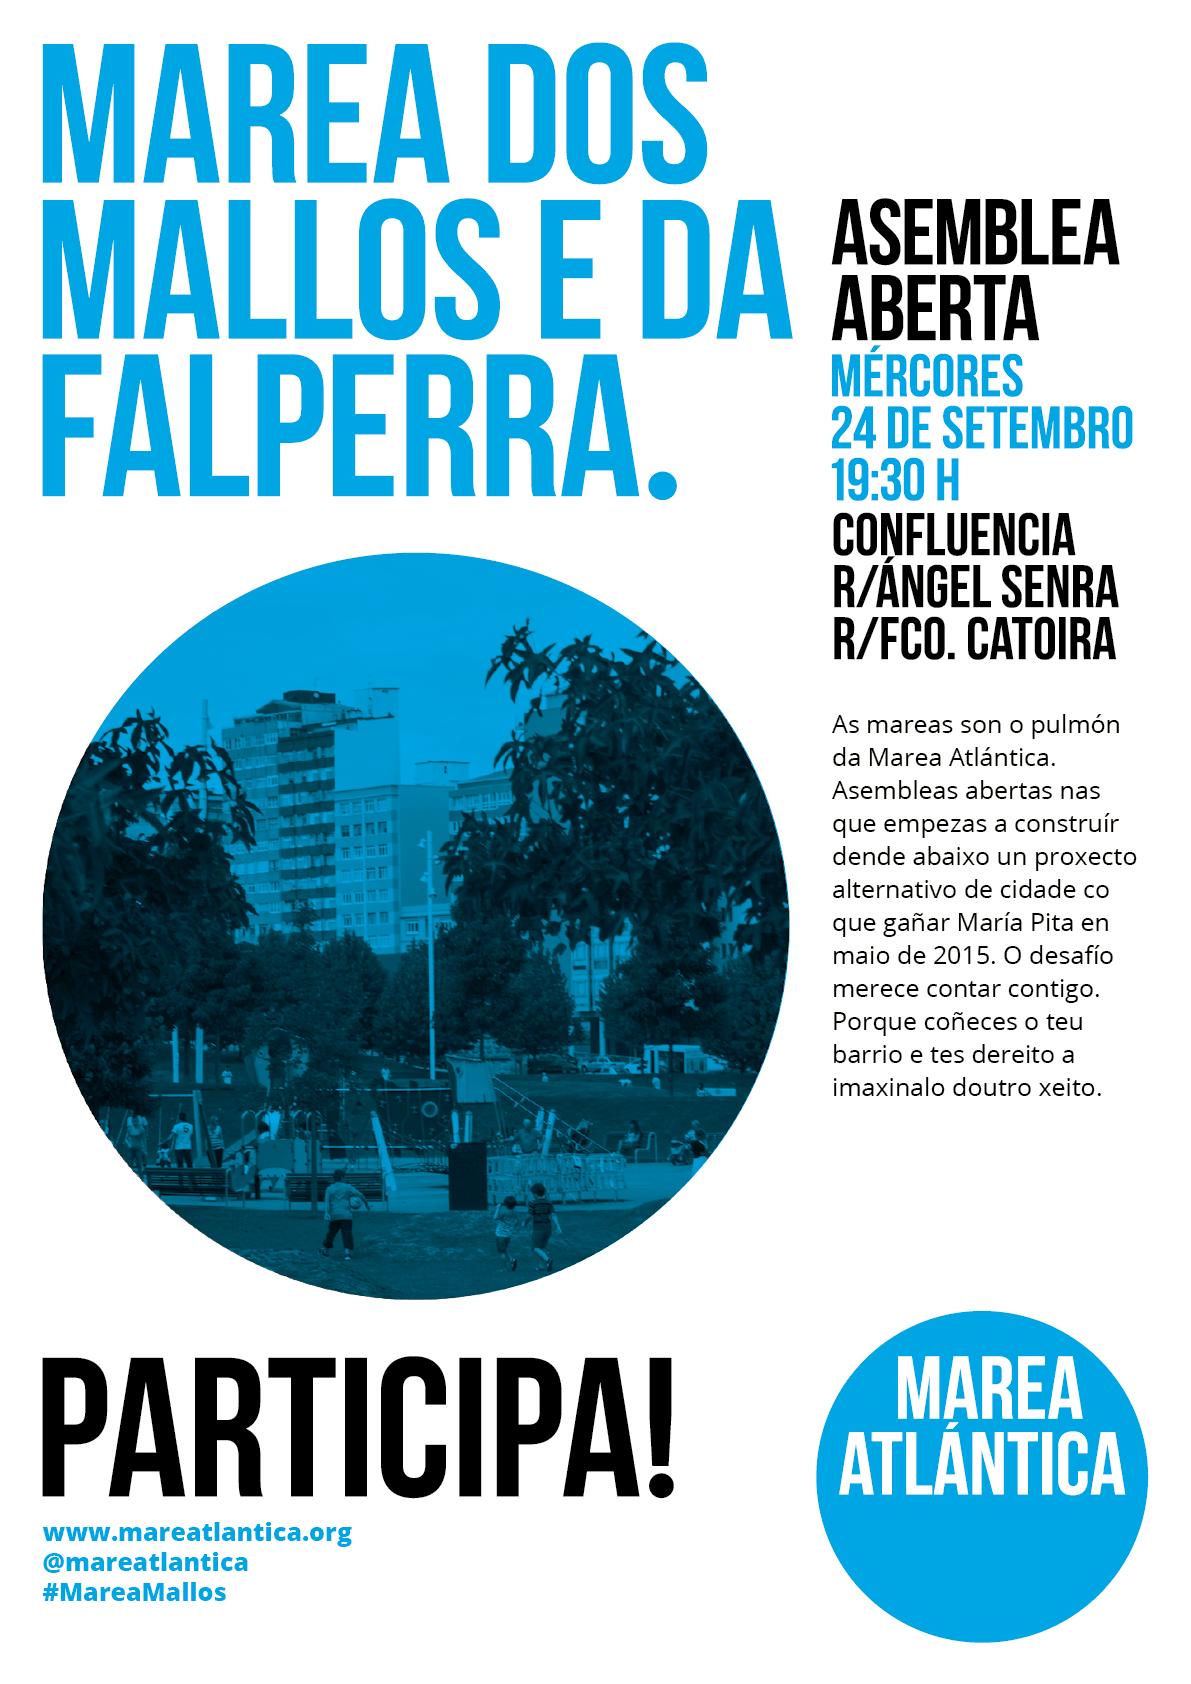 14_09_19_A2_MAREA MALLOS